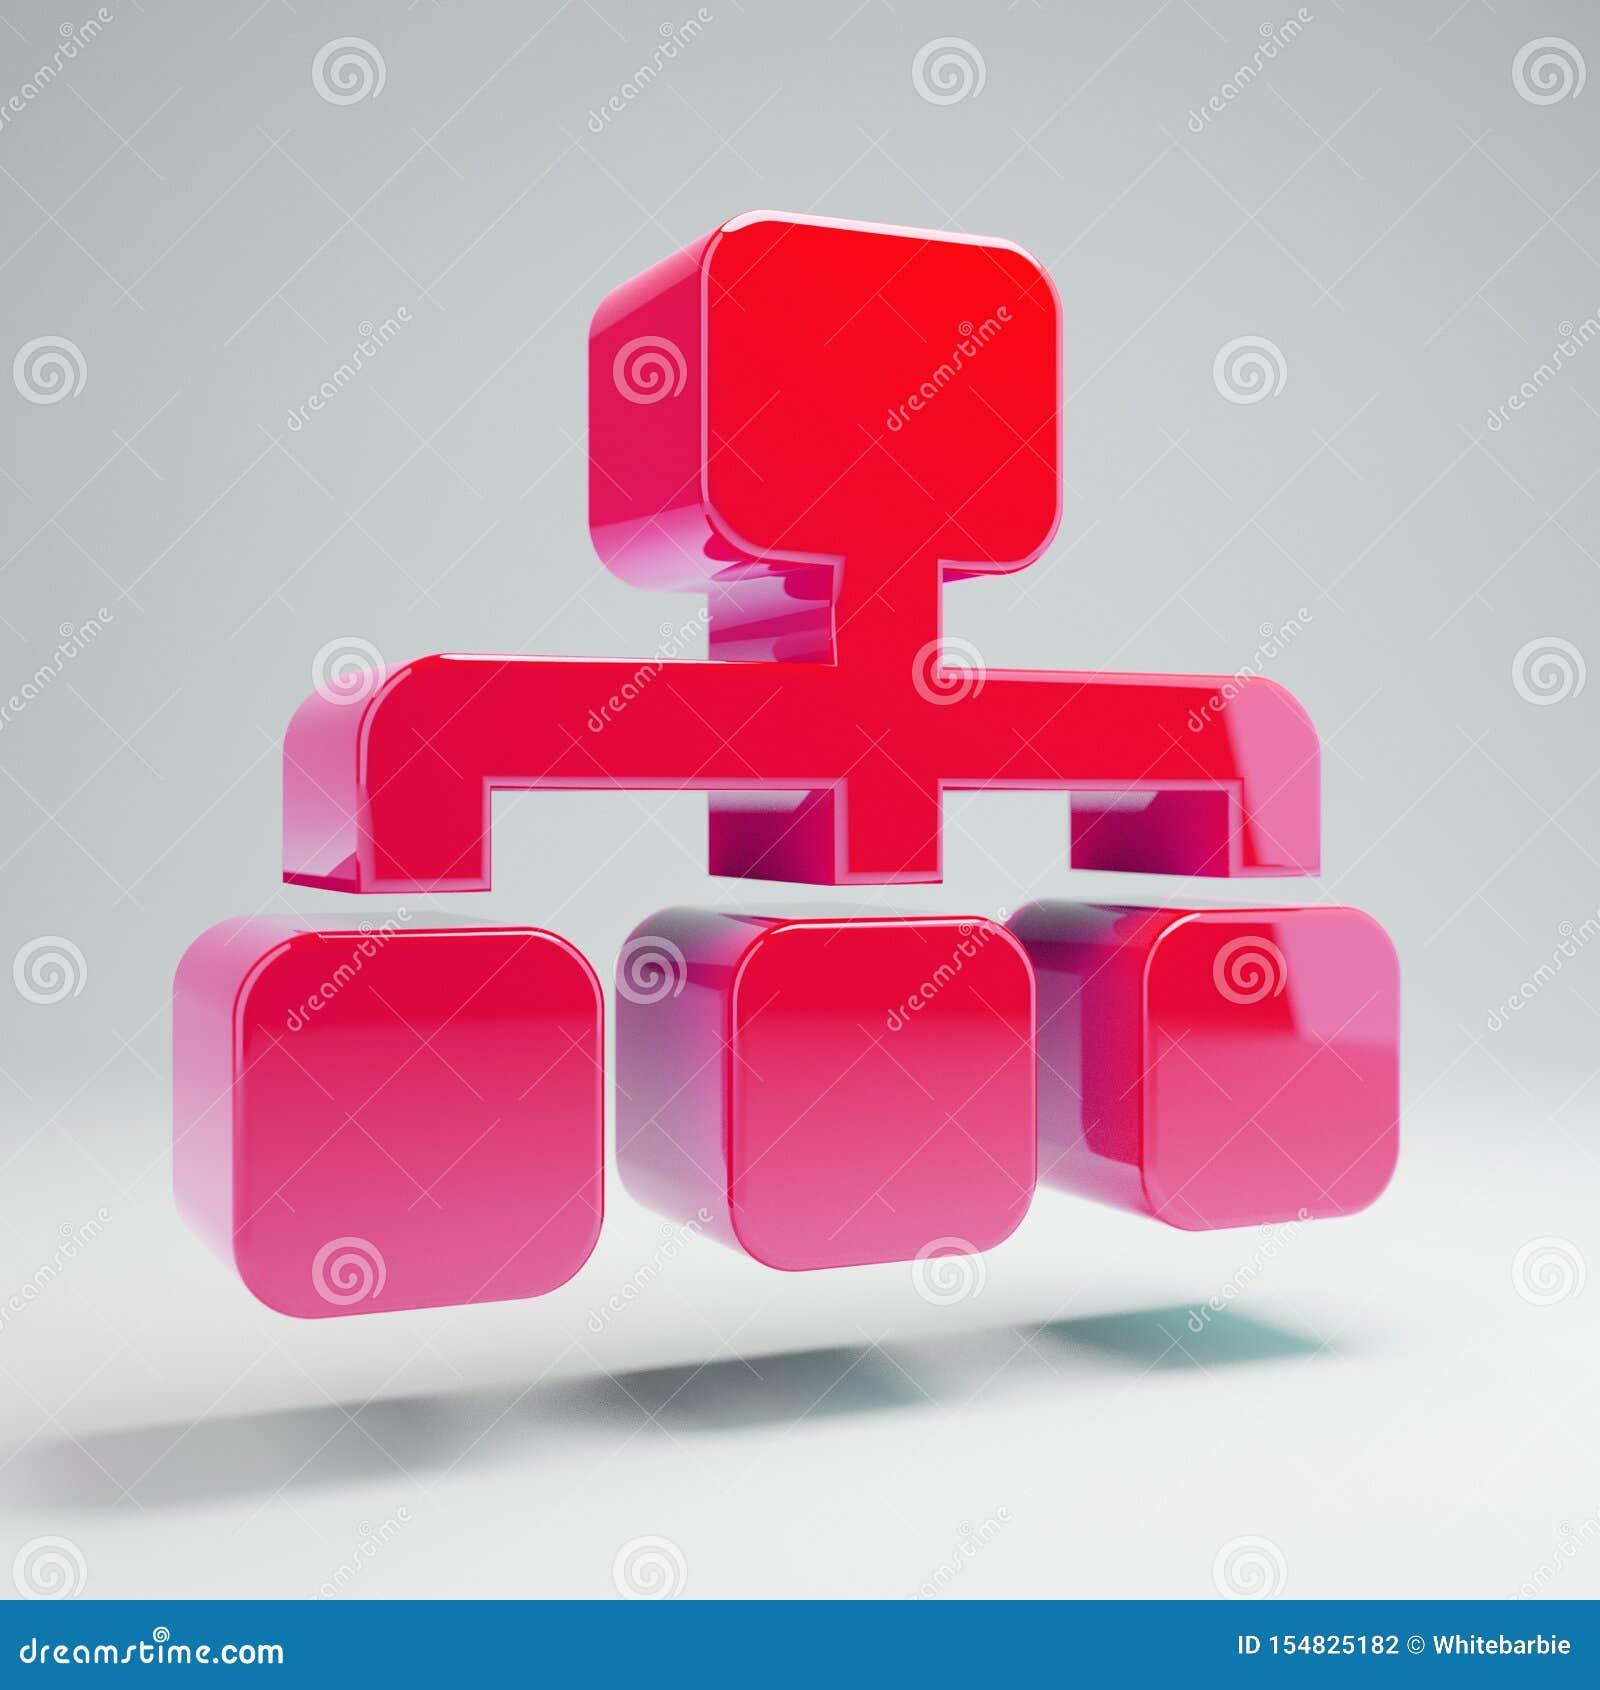 Volymetrisk glansig Sitemap för varma rosa färger som symbol isoleras på vit bakgrund